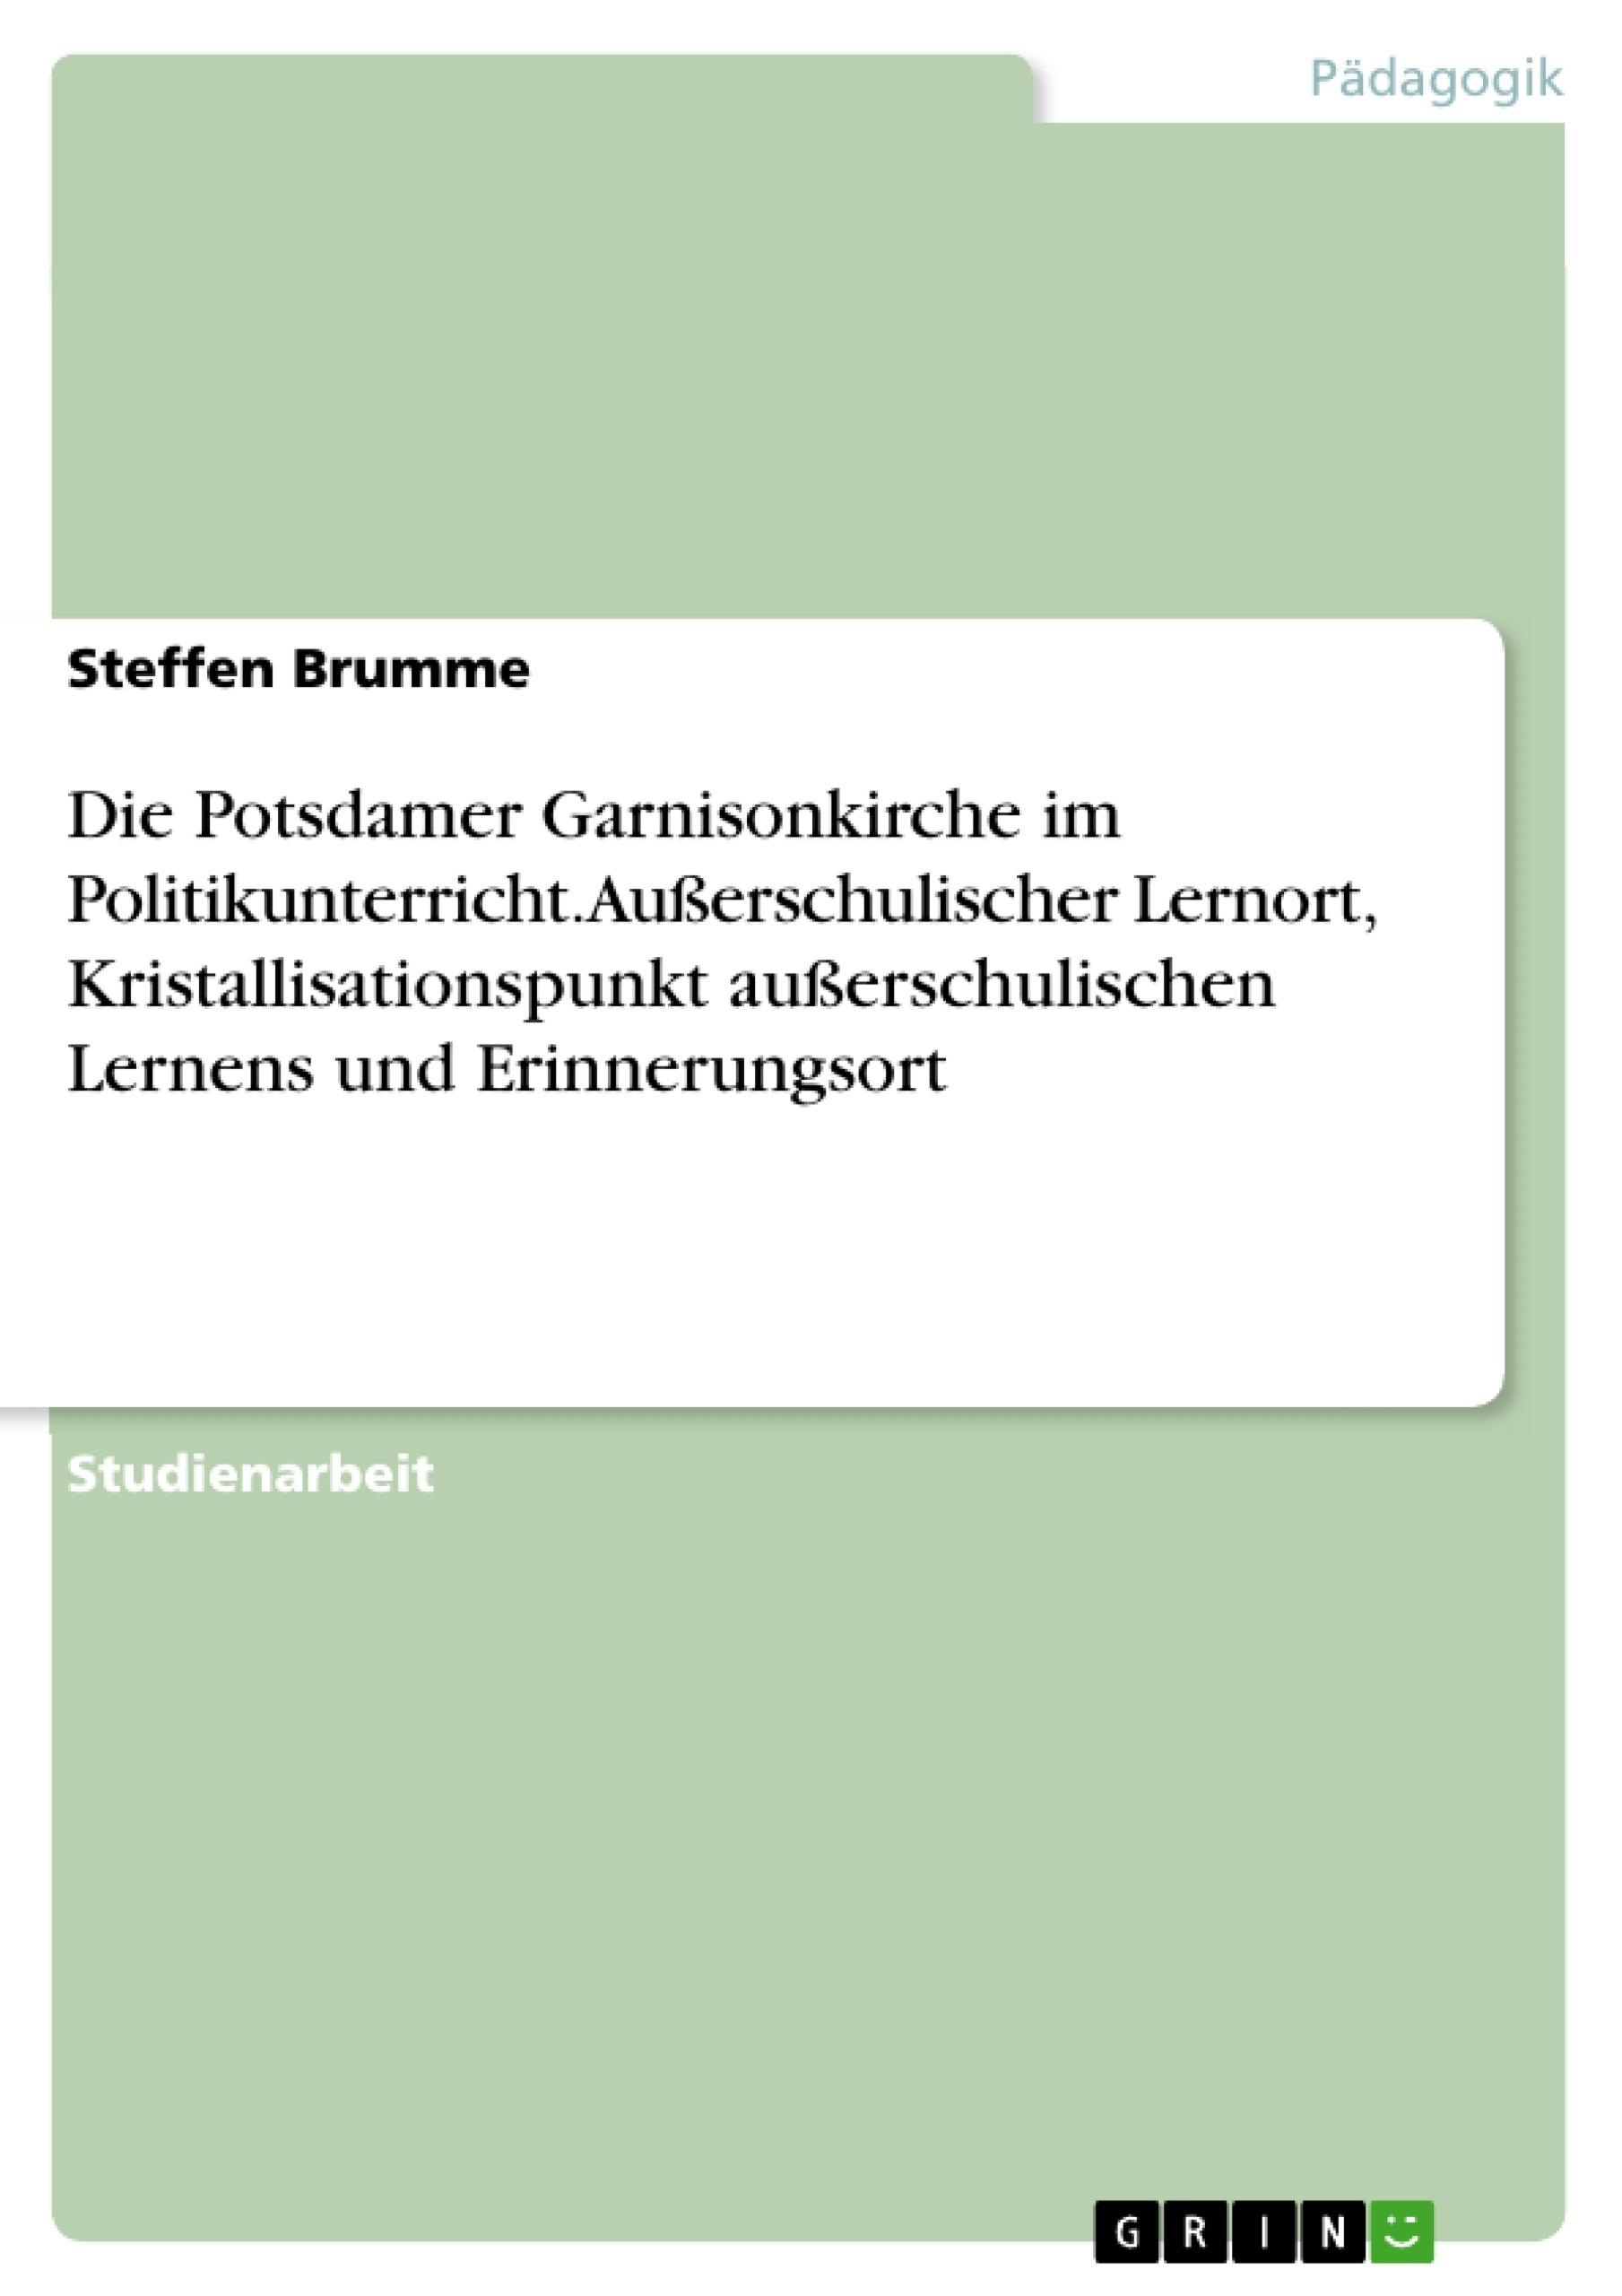 Titel: Die Potsdamer Garnisonkirche im Politikunterricht. Außerschulischer Lernort, Kristallisationspunkt außerschulischen Lernens und Erinnerungsort